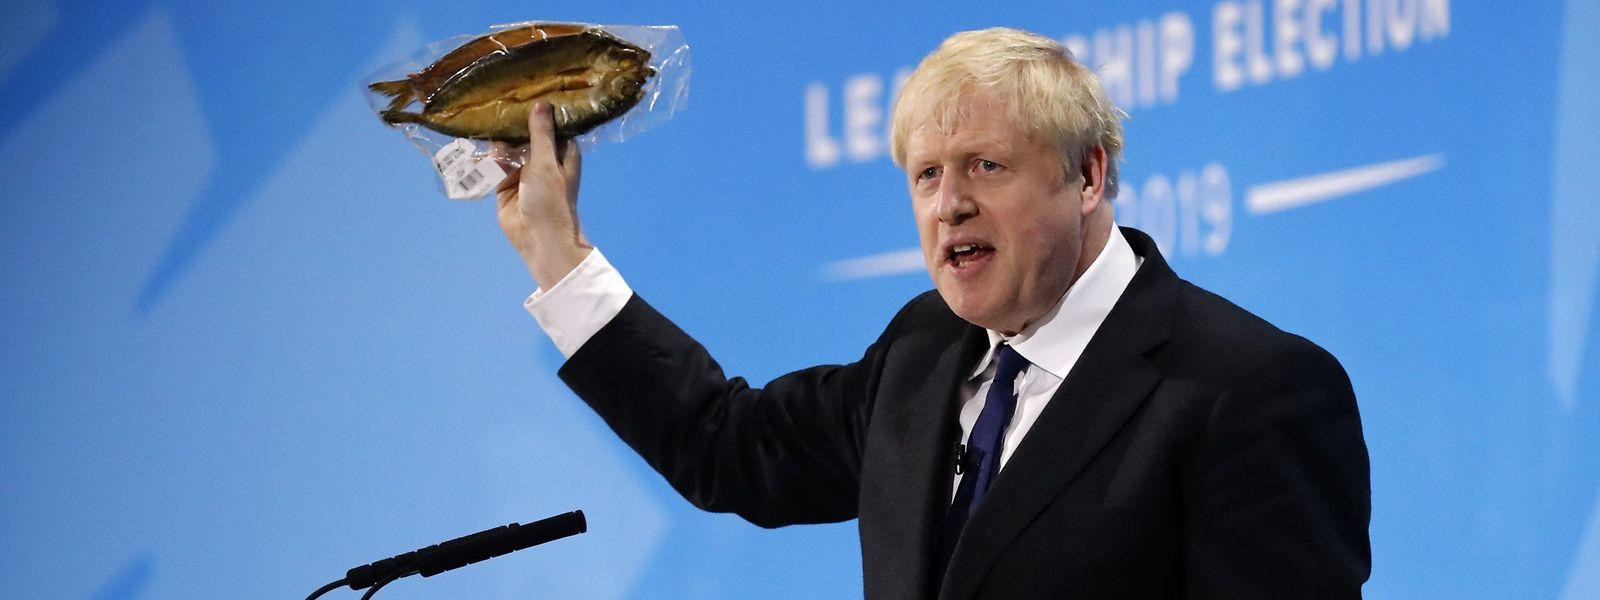 Fishing for Compliments: Der konservative Anwärter für das Amt des britischen Premierministers, Boris Johnson.